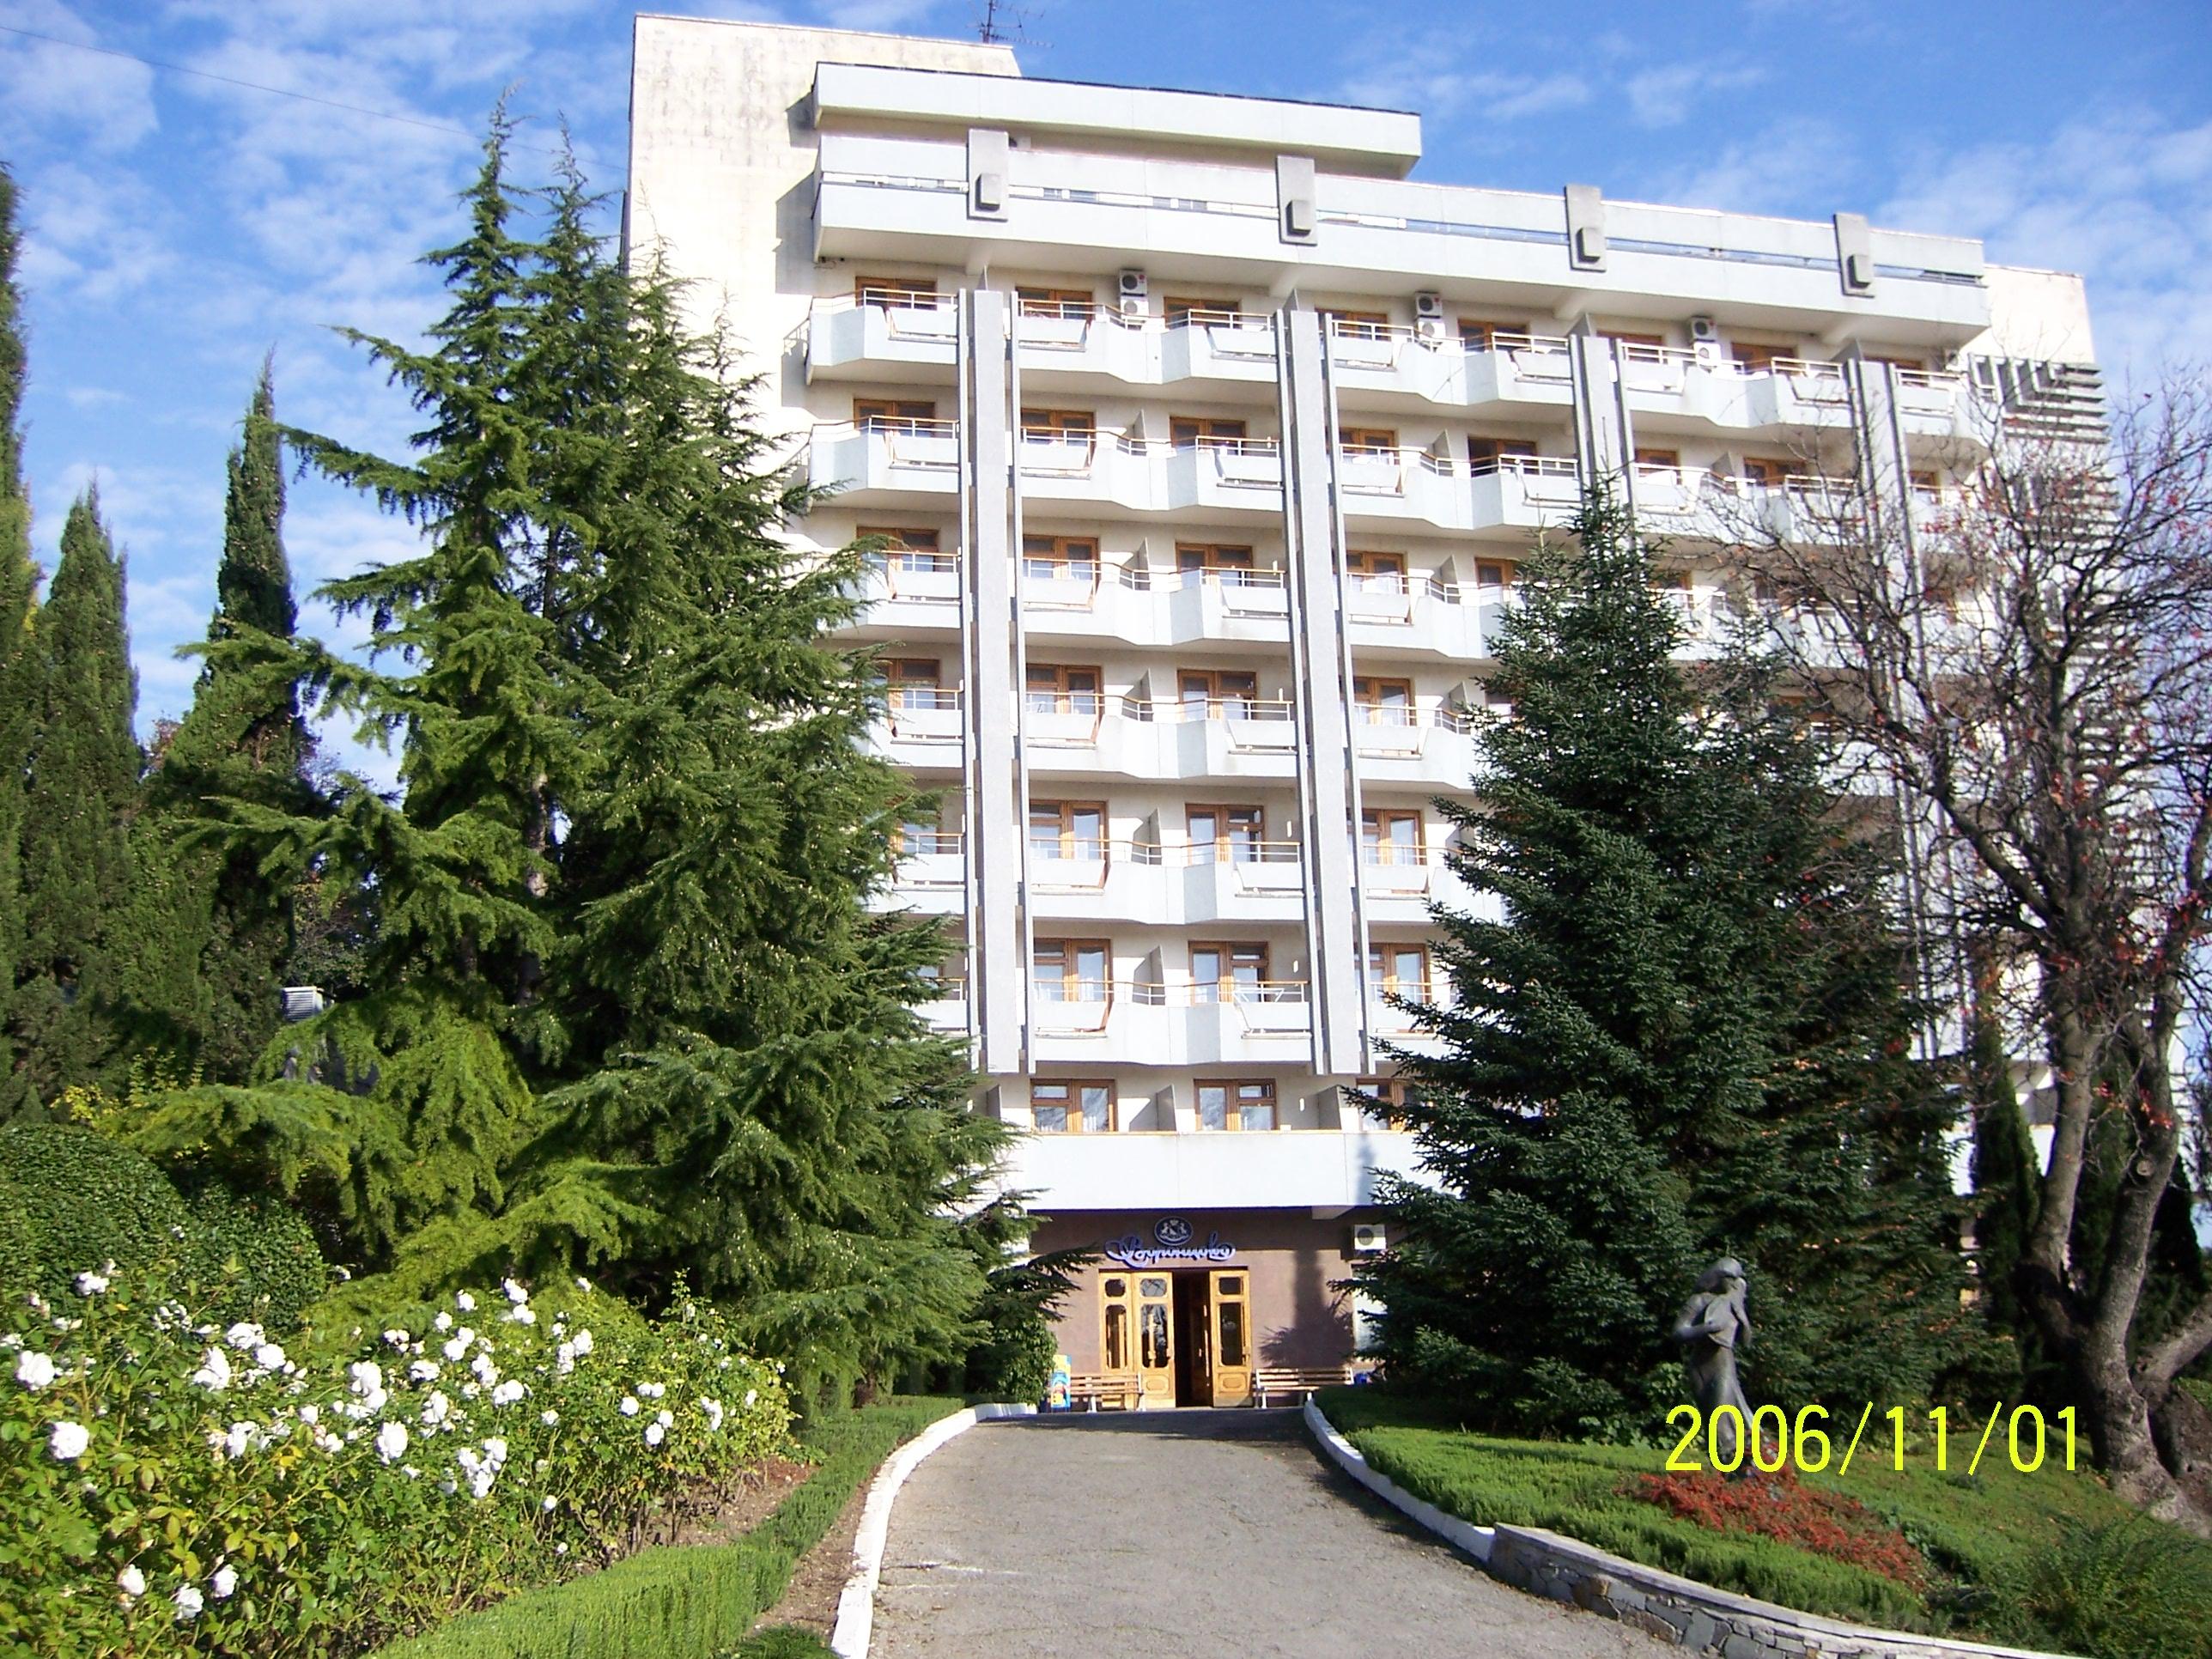 http://www.piligrim.com.ru/UserFiles/Image/crimea/VORONCOVO.JPG